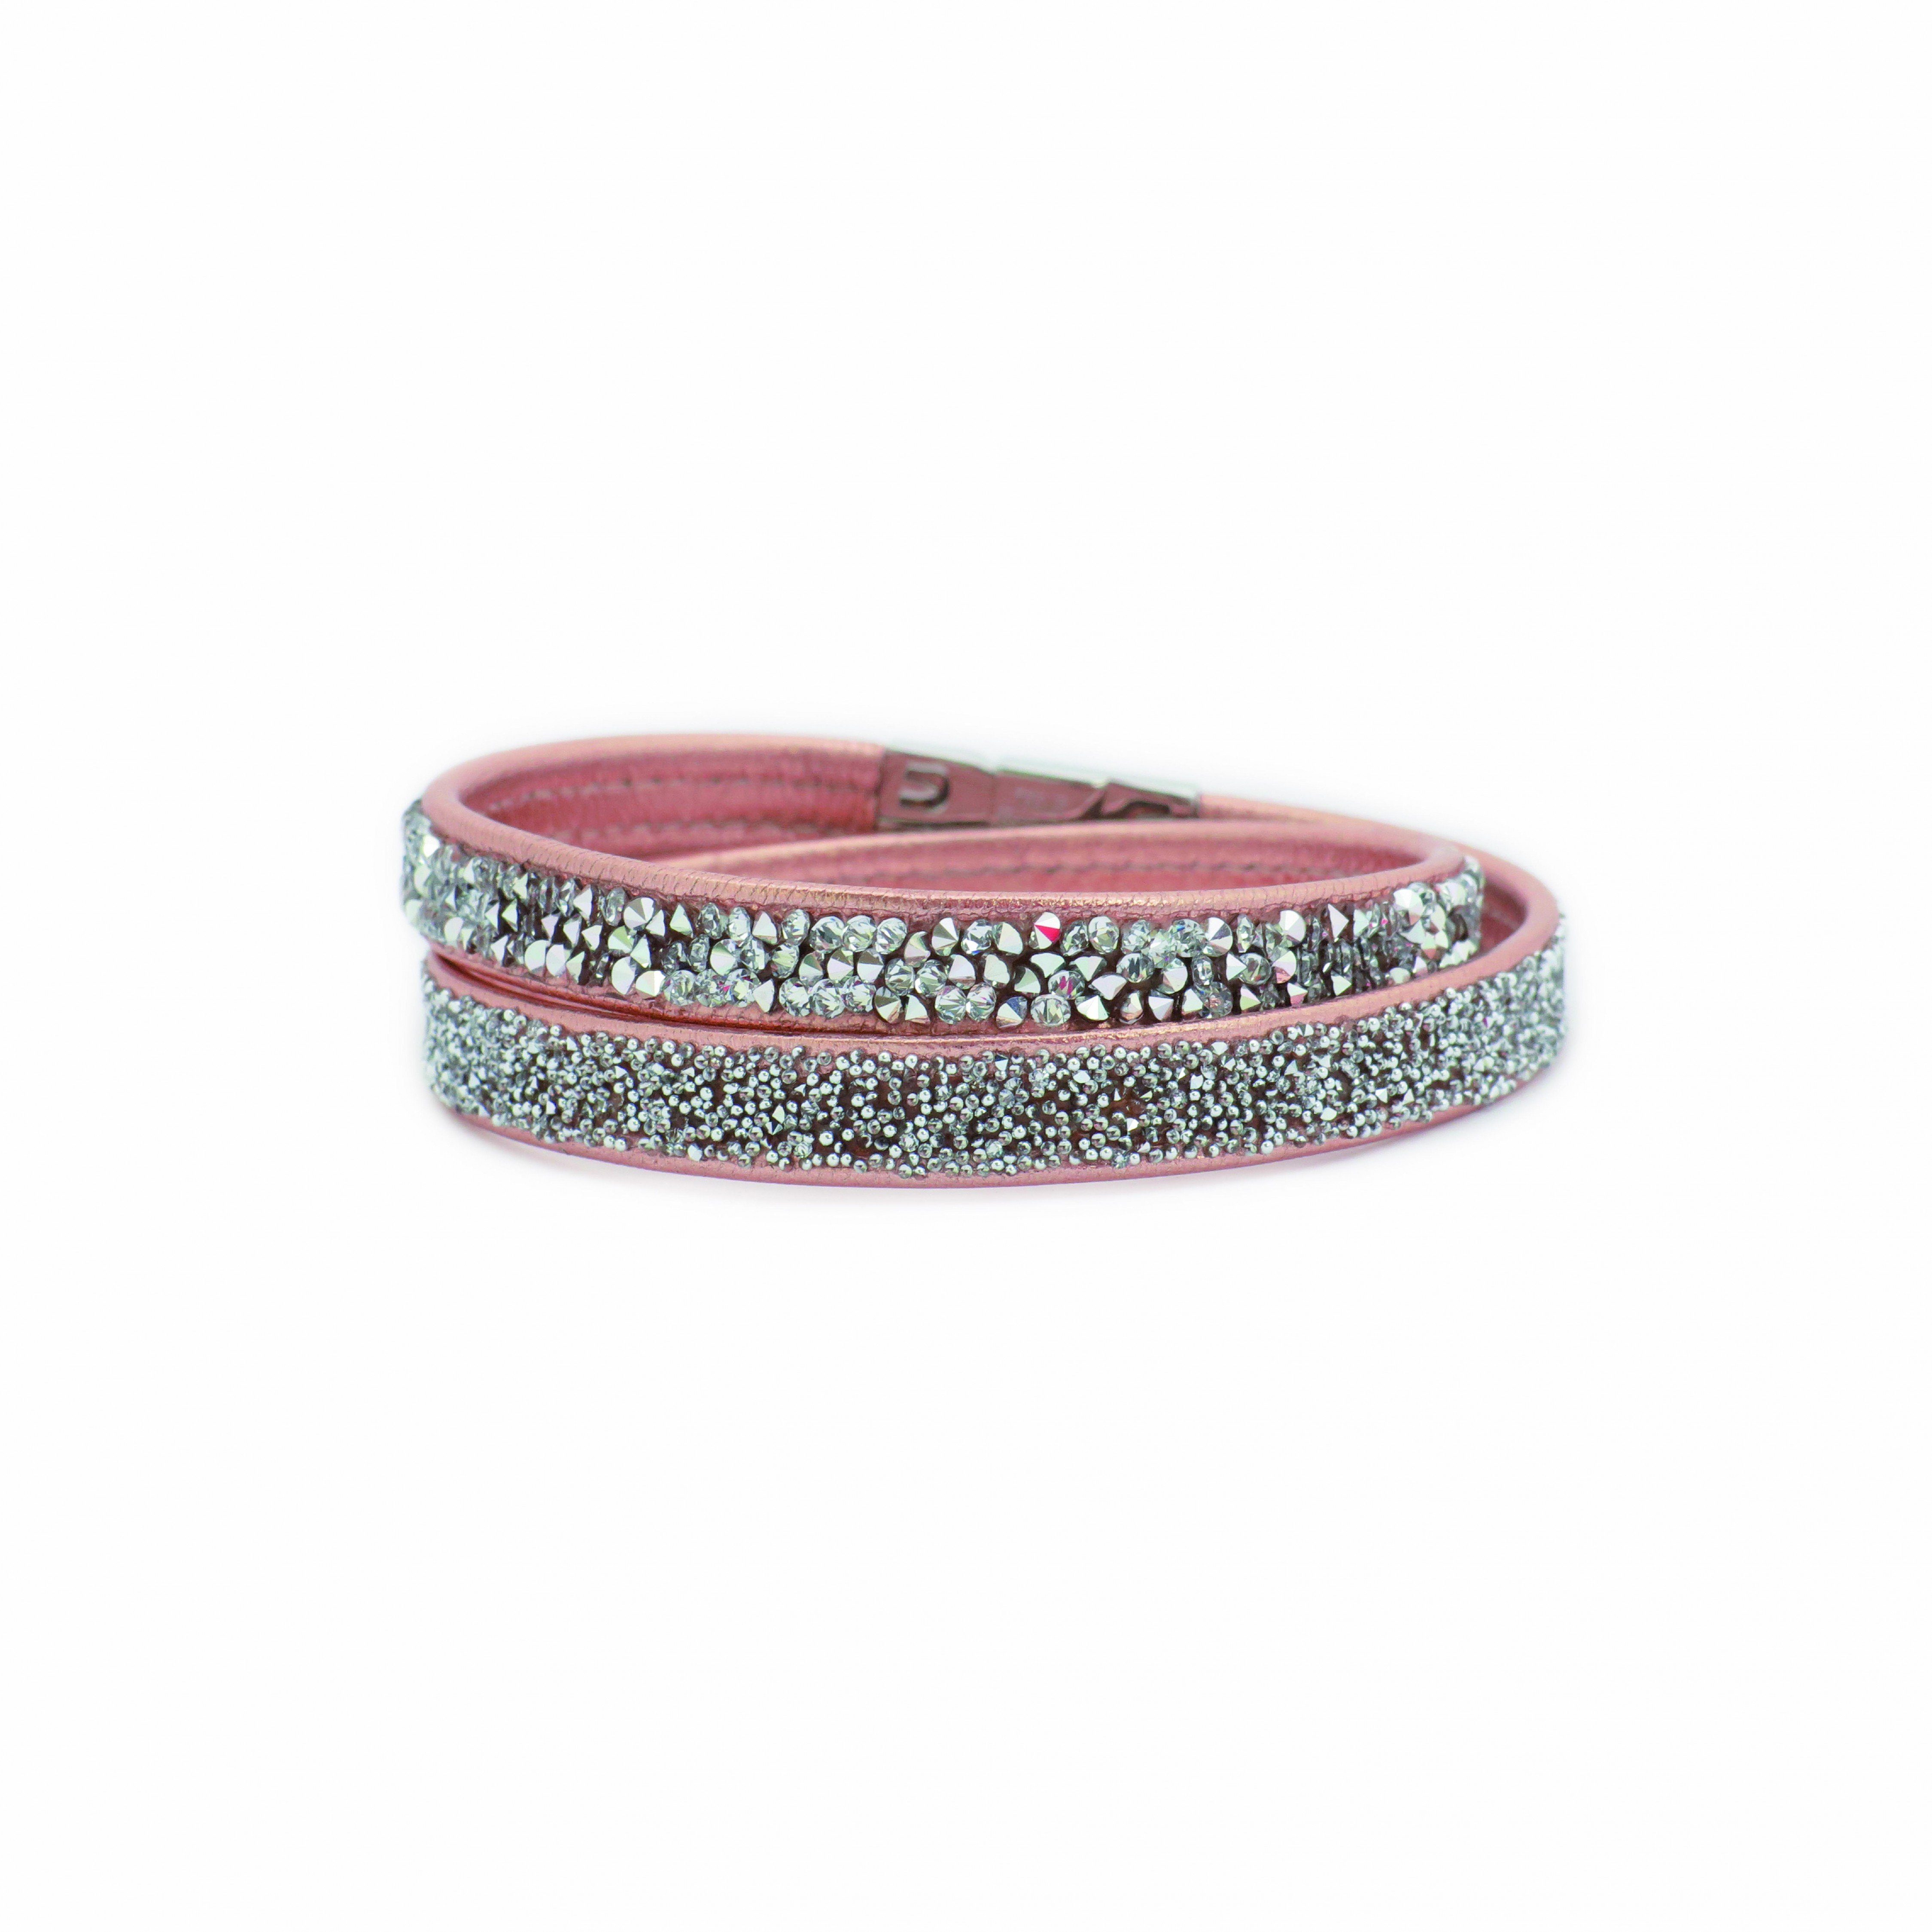 LOVING CRYSTAL Lederarmband mit Swarovski-Steinen | Schmuck > Armbänder > Lederarmbänder | Rot | Loving Crystal